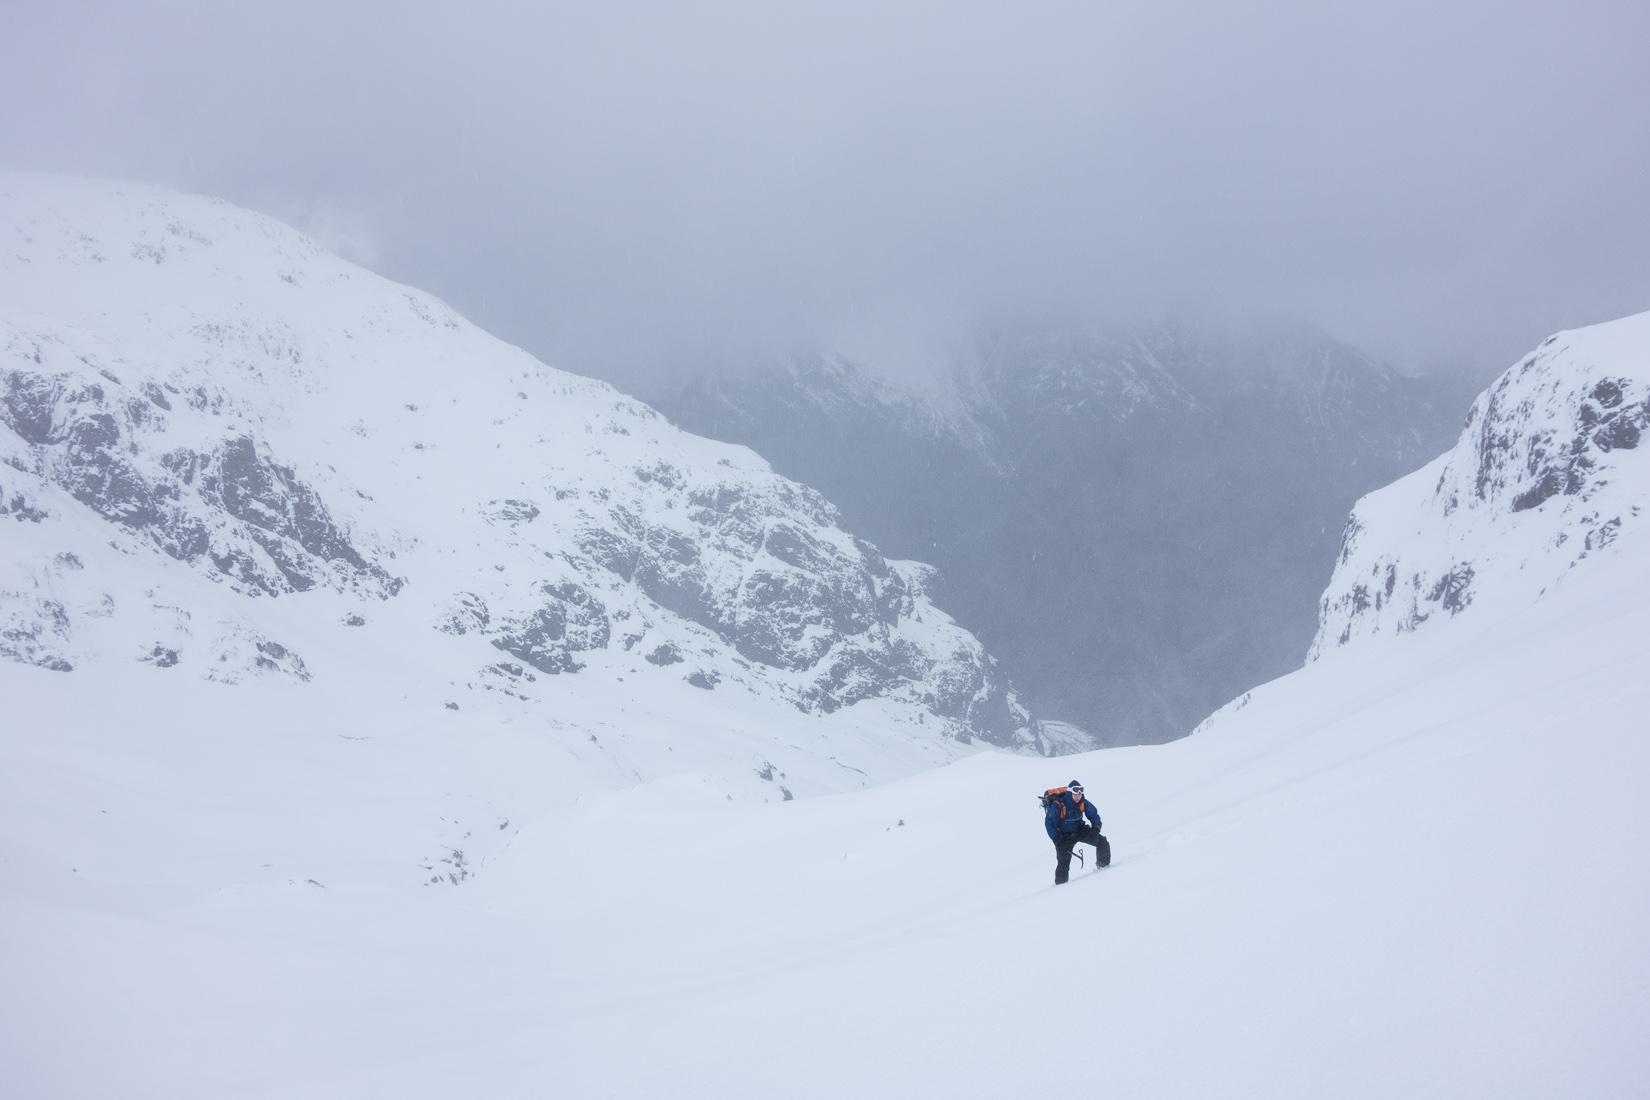 Just below Coire nan Lochan